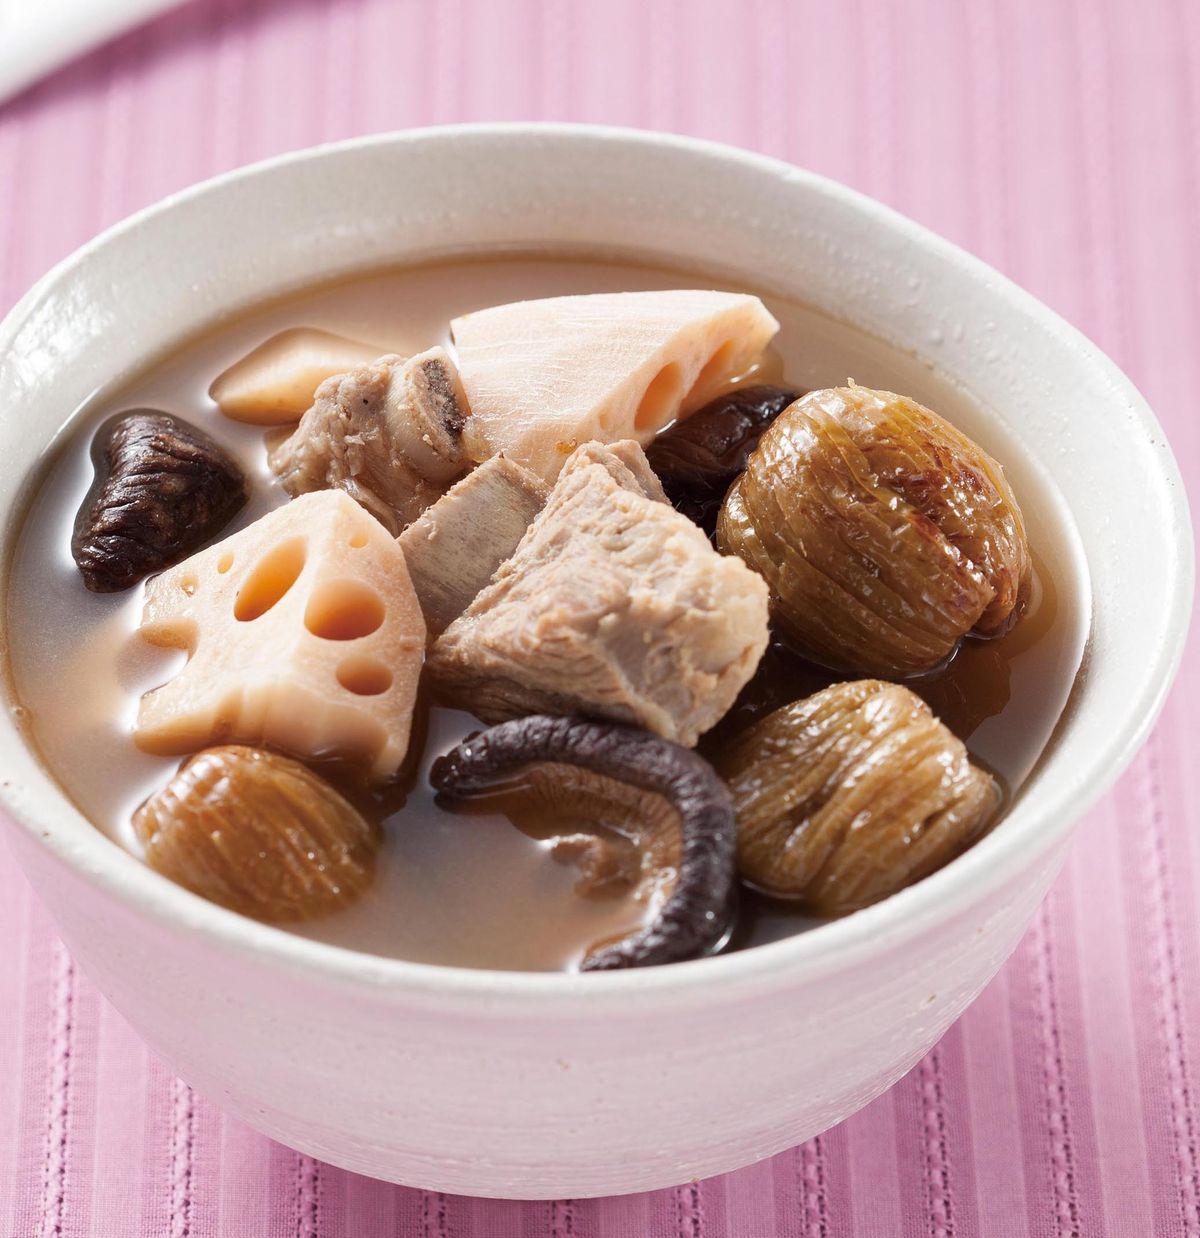 食譜:蜜棗蓮藕湯